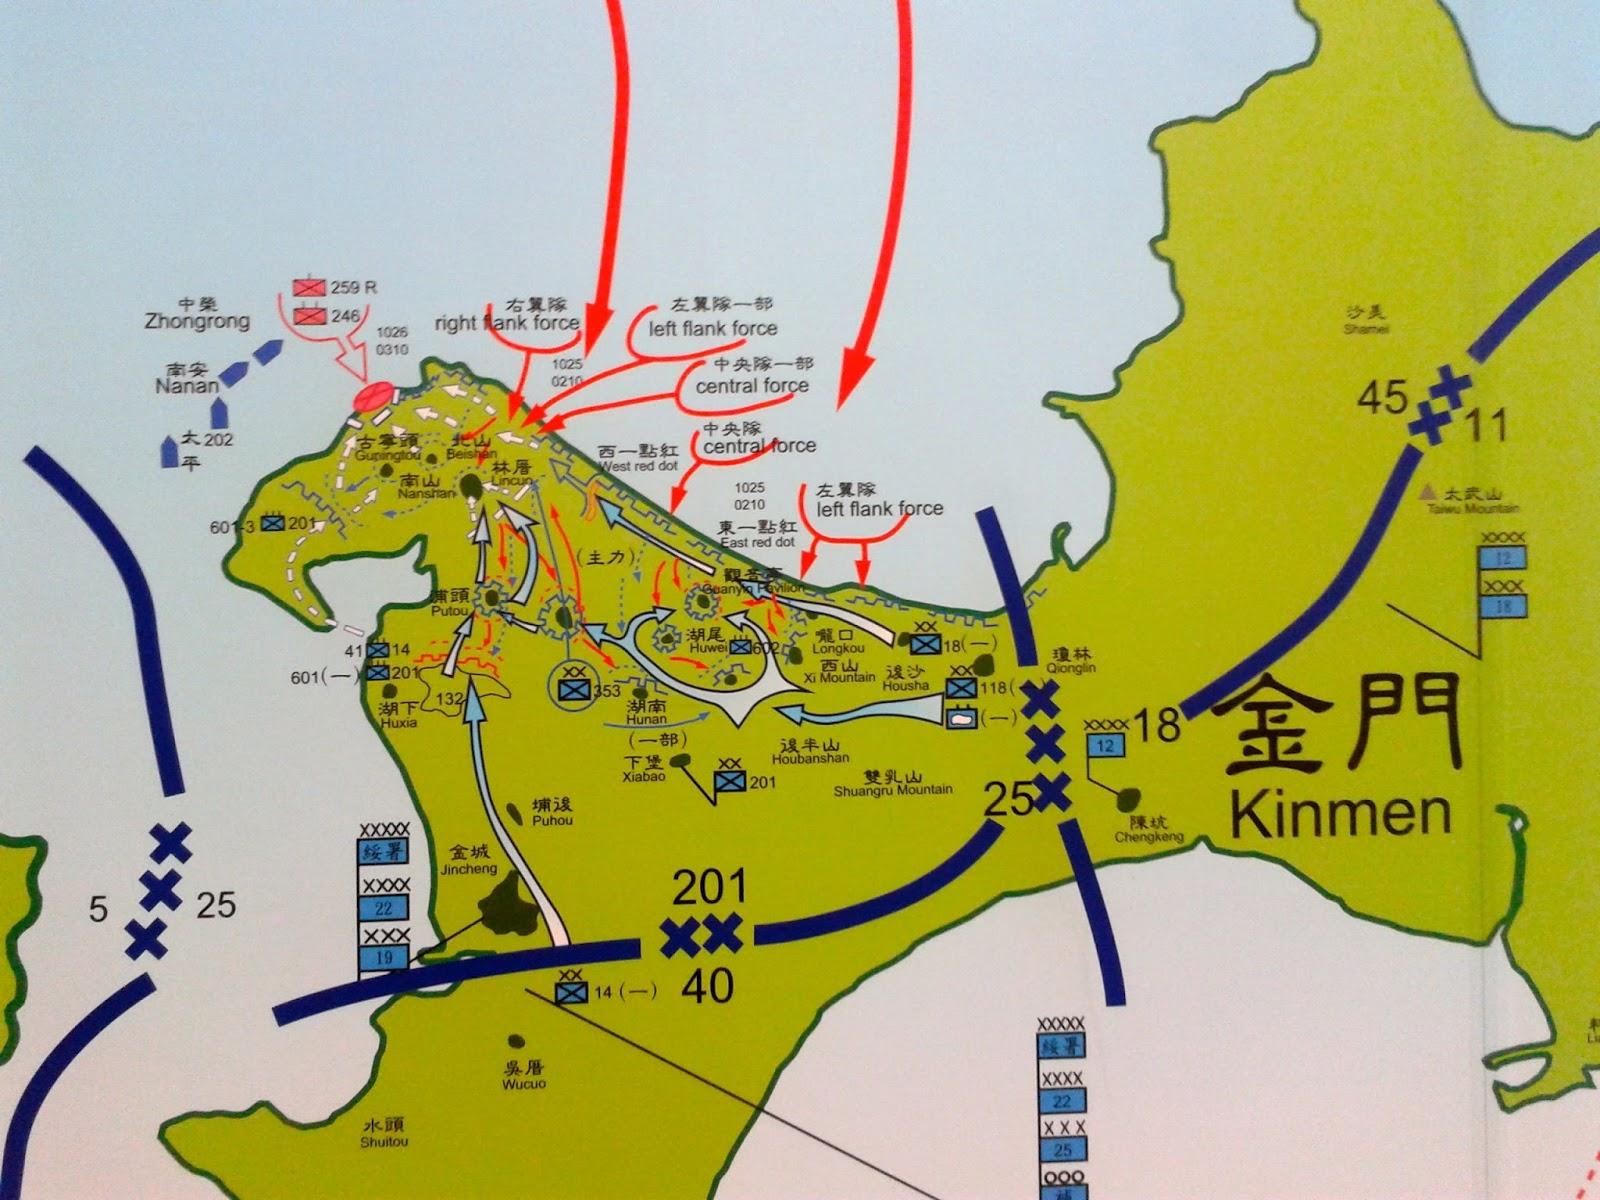 Mappa della battaglia, dal museo